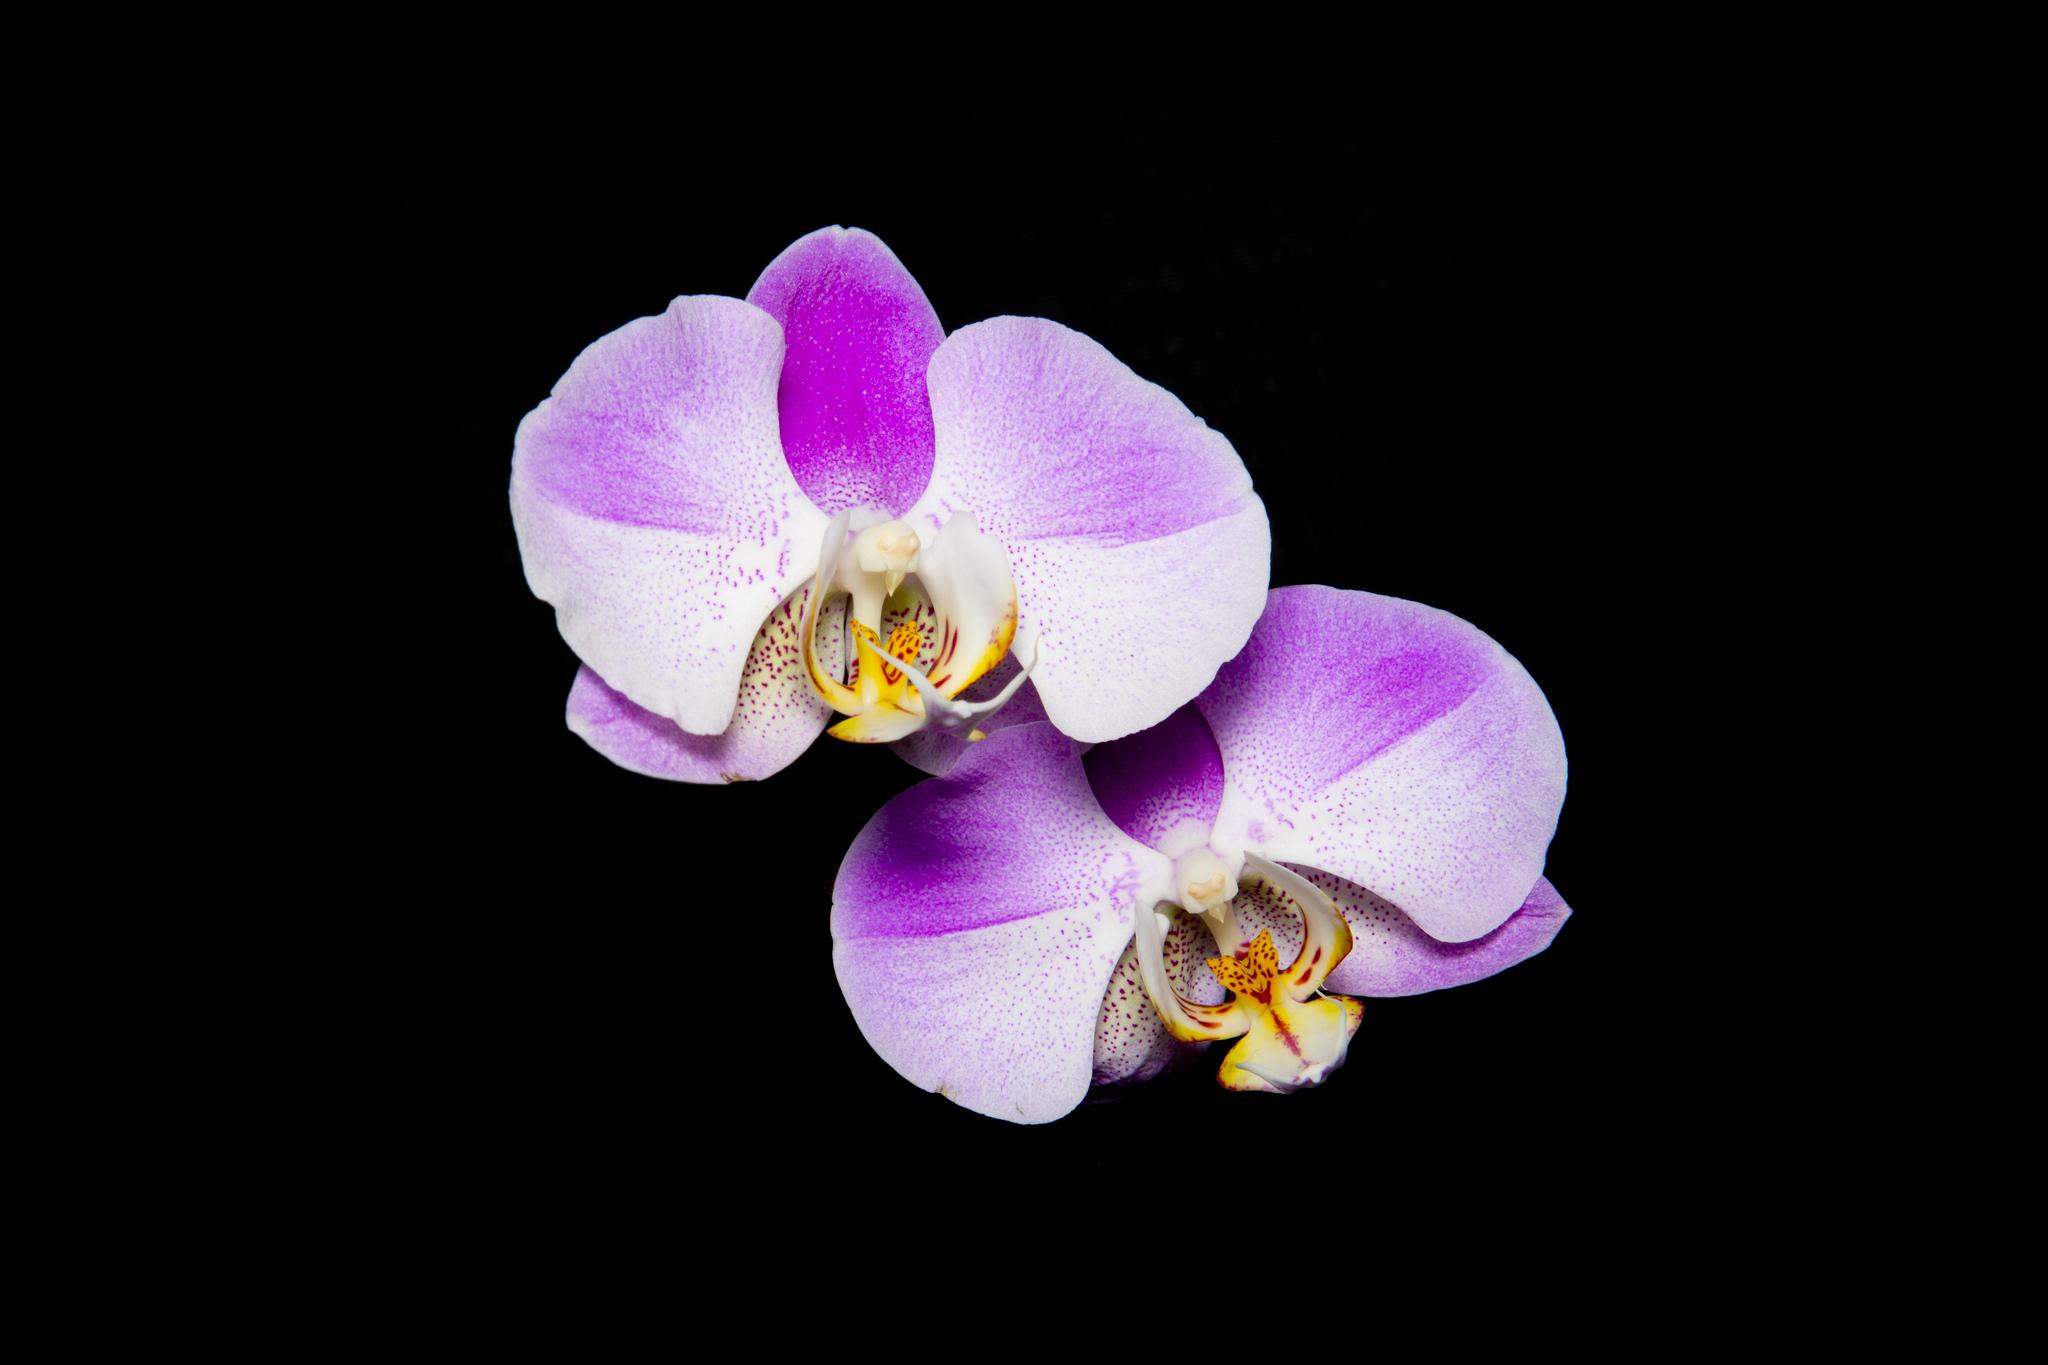 Orchid | © Seokhee Kim/Flickr